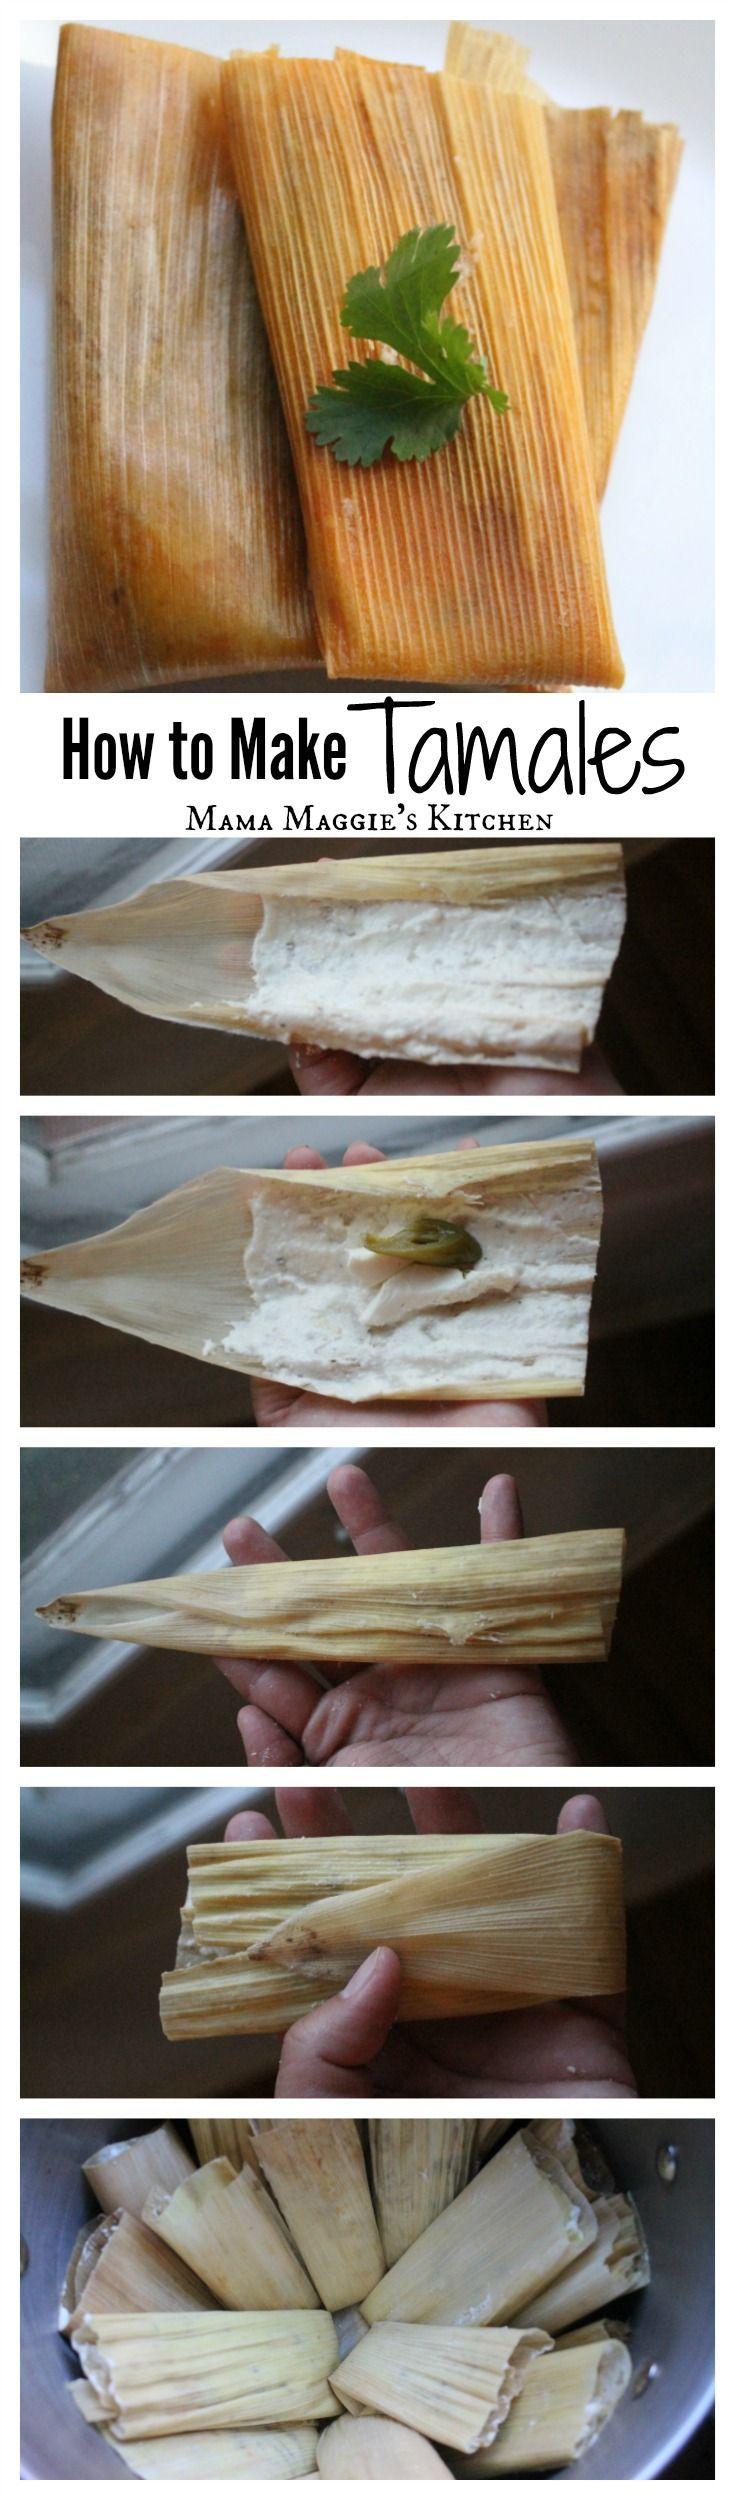 Tamales - la masa se envuelve en hojas de maíz o banano con carne, pescado o verduras guisadas y se cuece al vapor